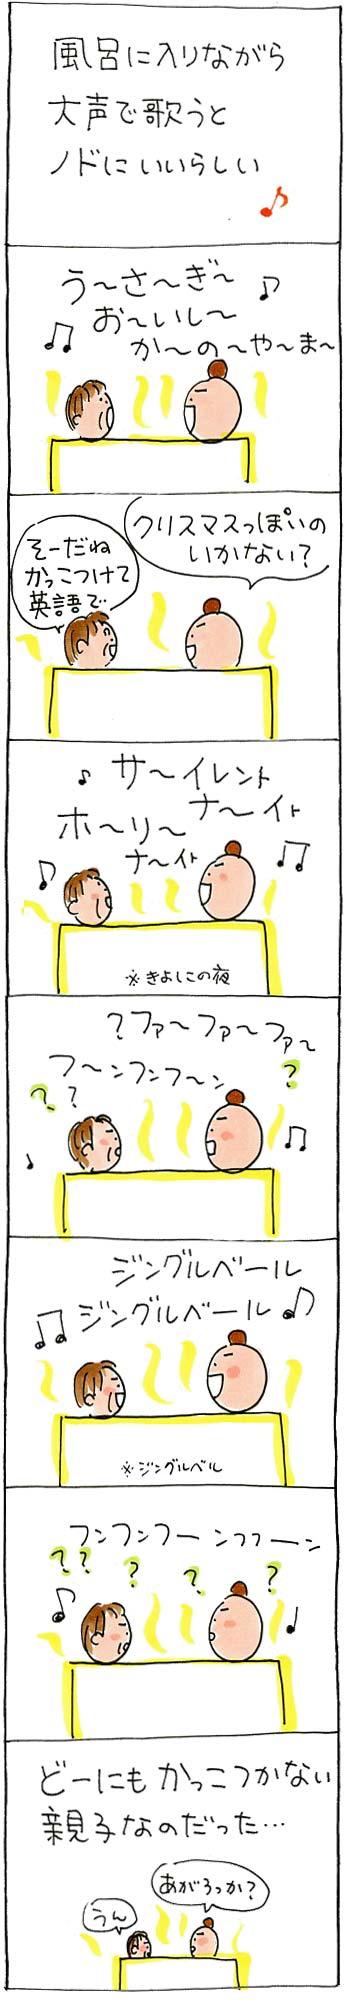 風呂で歌う